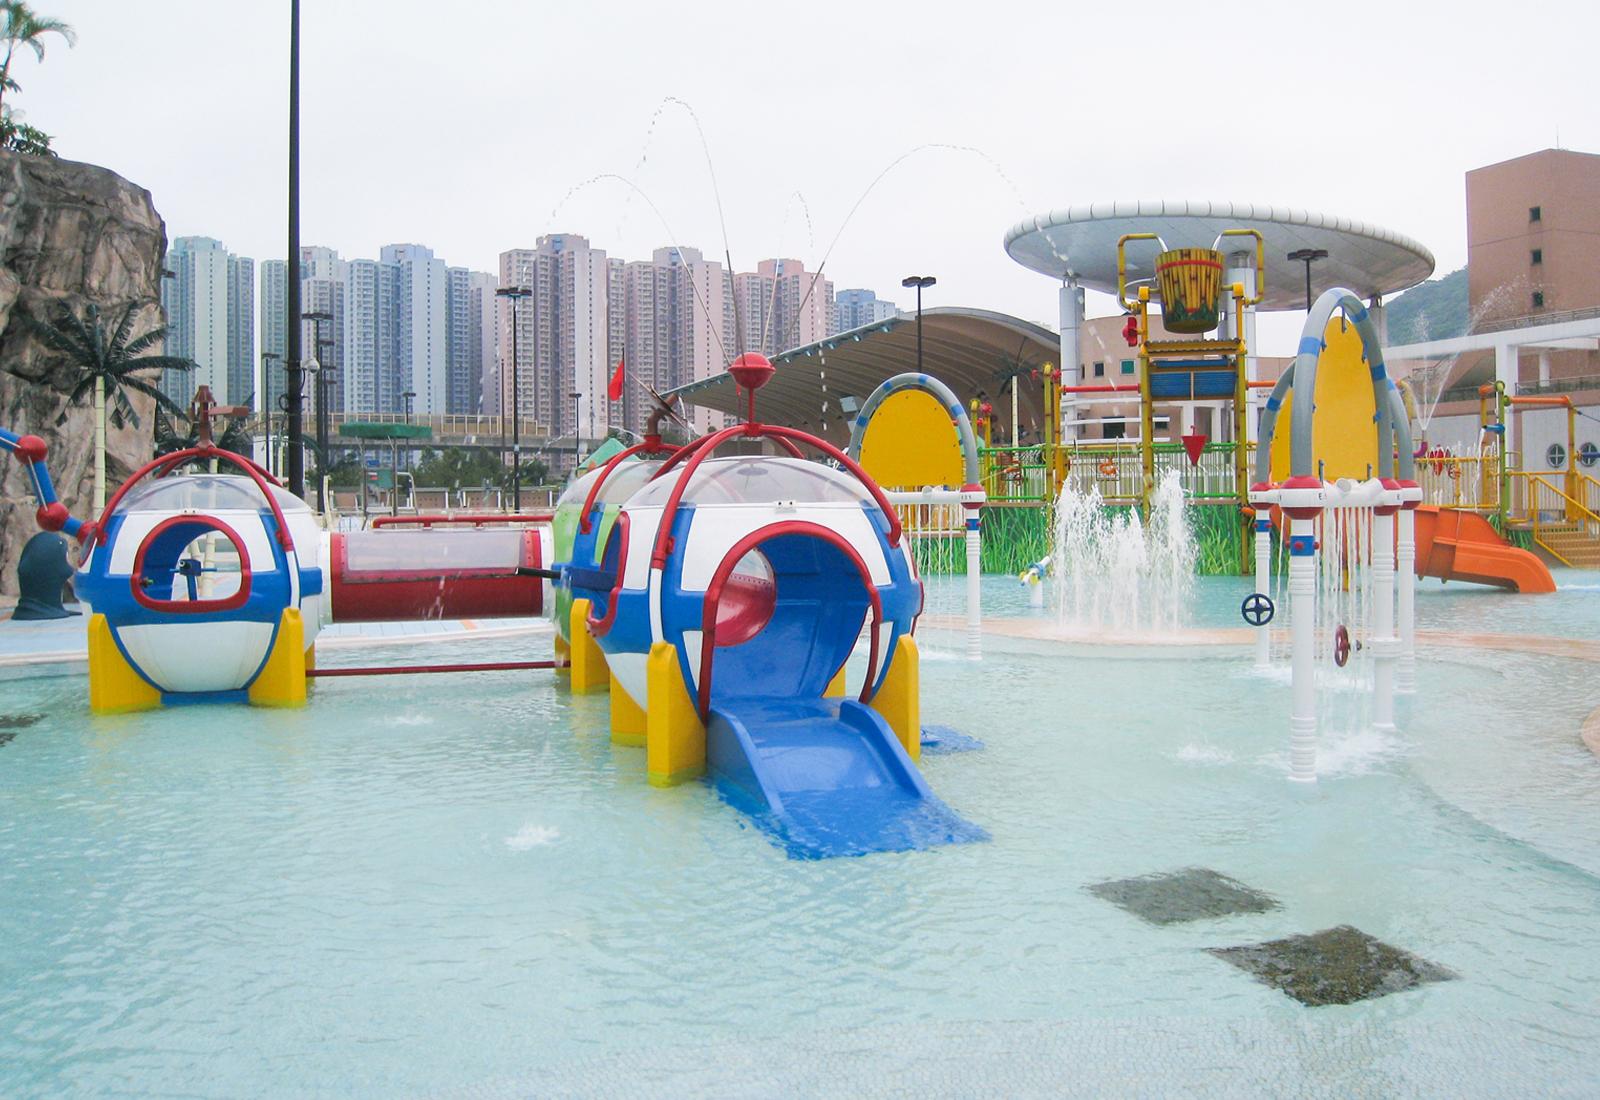 Tseung Kwan O Swimming Pool Parks Supplies Company Limited